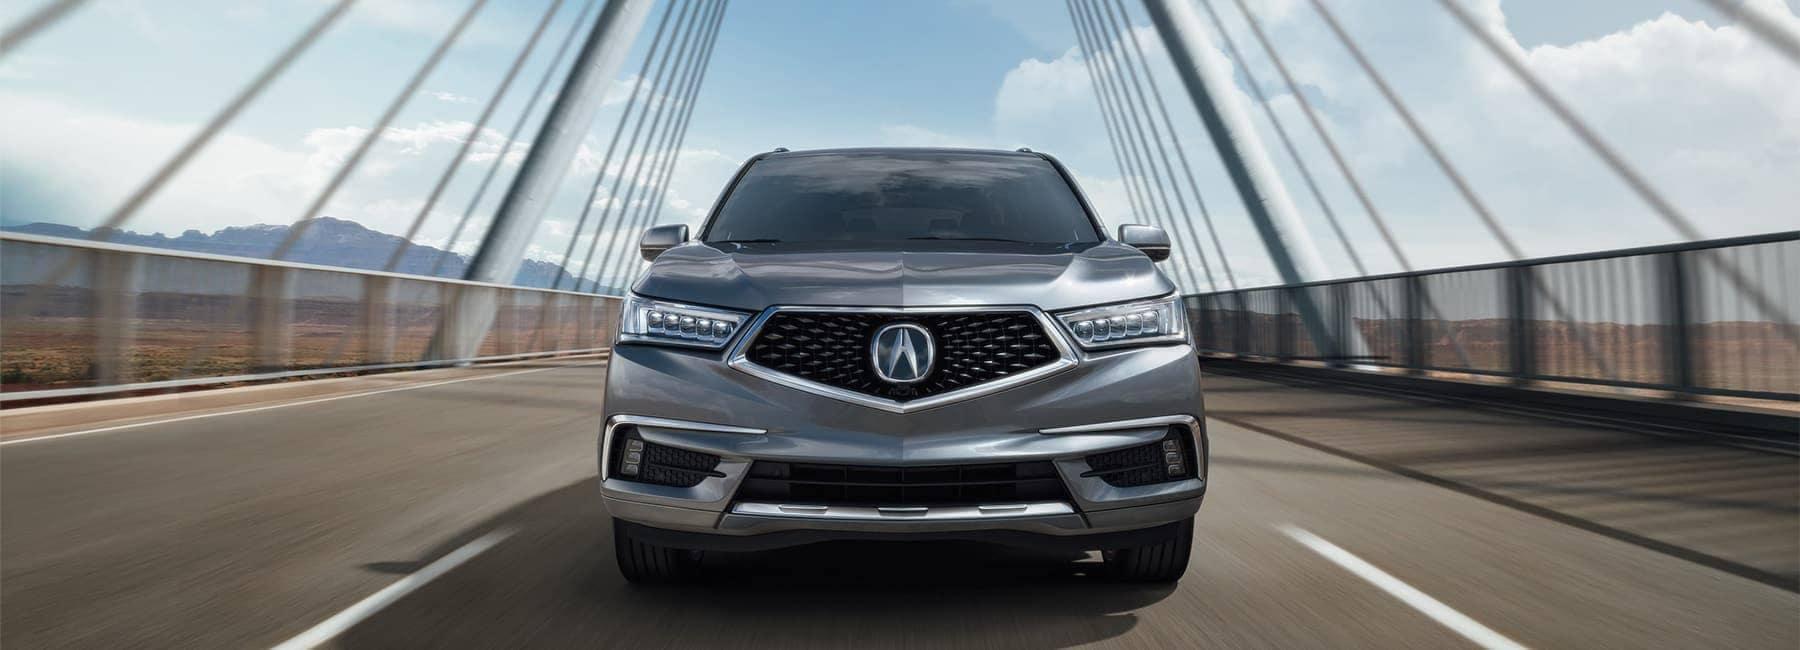 2020-Acura-MDX-under-modern-steel-metallic-bridge